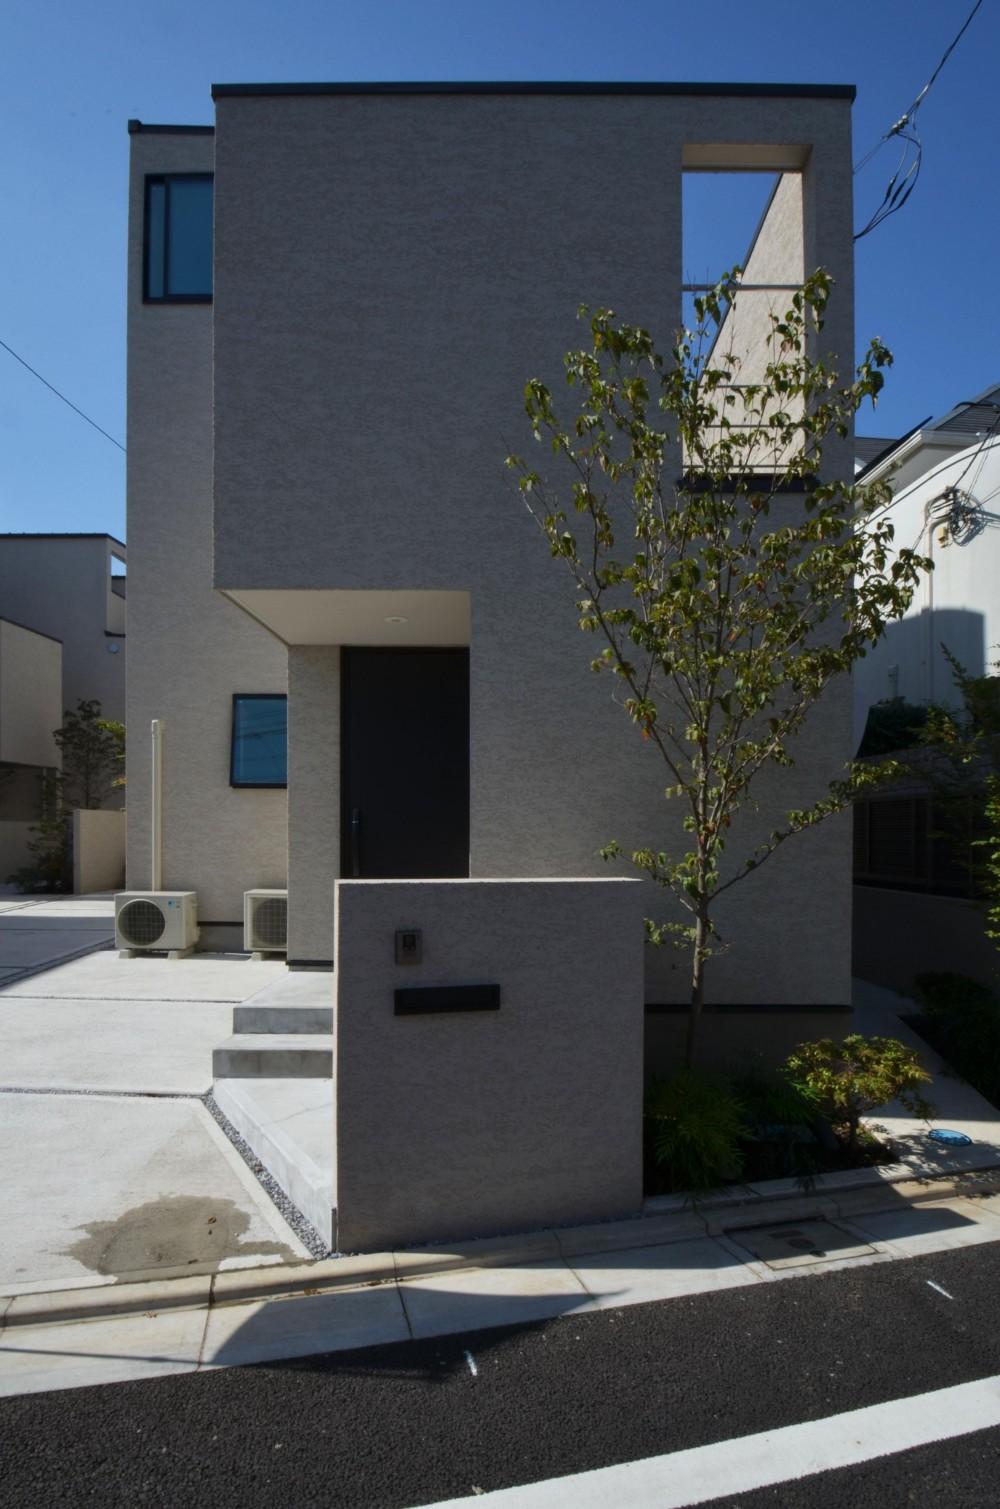 中村プロジェクト-注文住宅同様に丁寧につくりあげた5棟の建売住宅- (B棟外観)